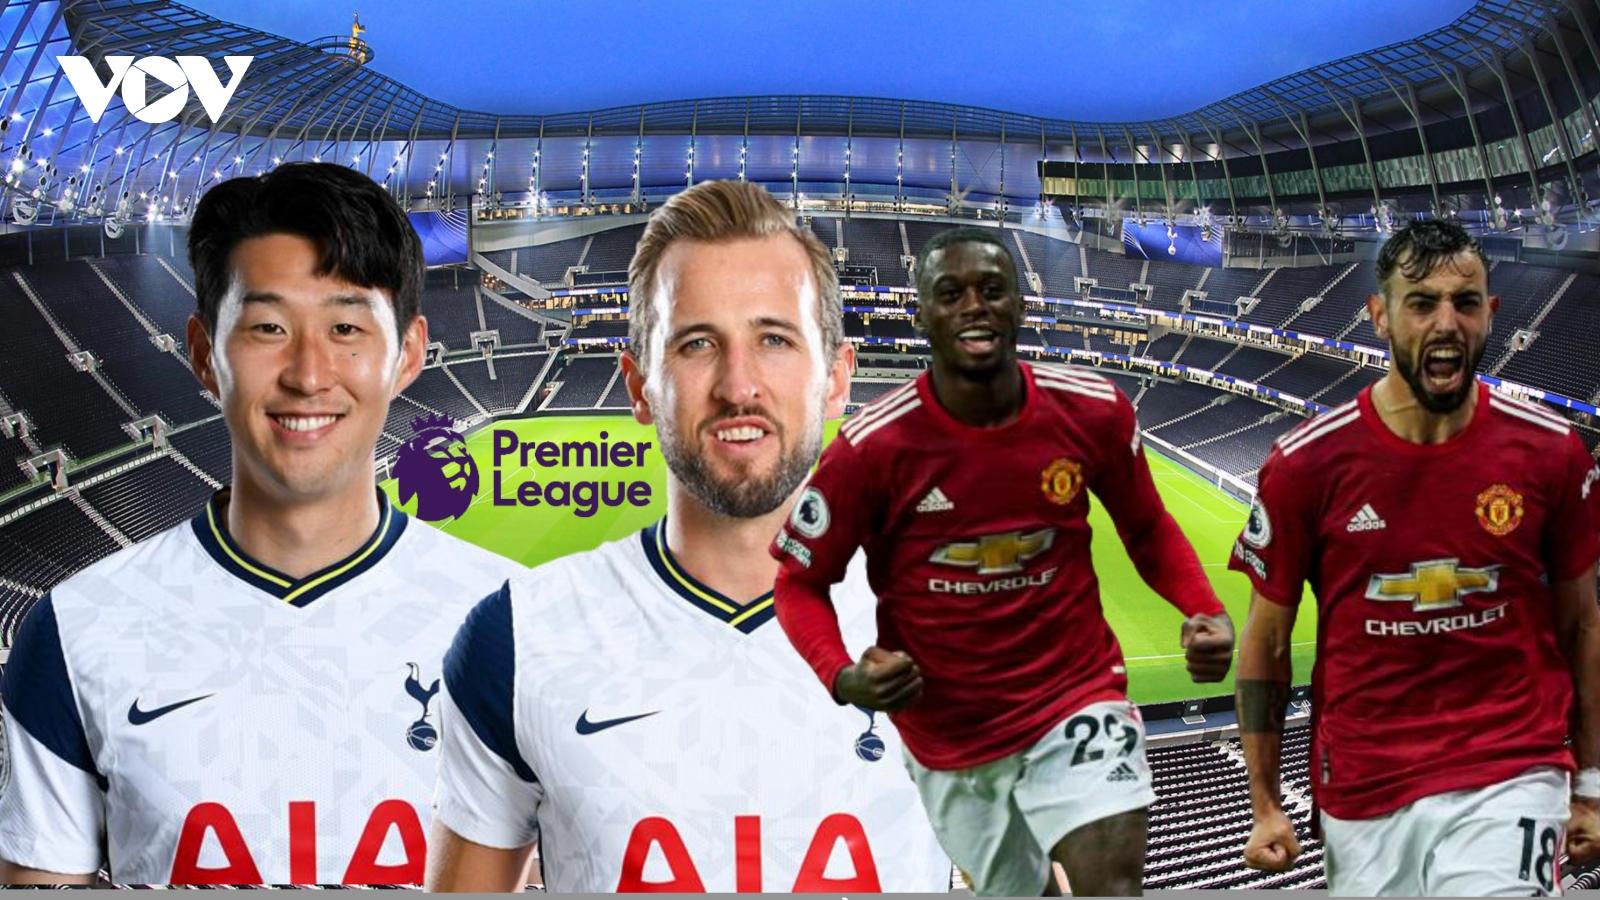 Dự đoán kết quả, đội hình xuất phát trận Tottenham - MU